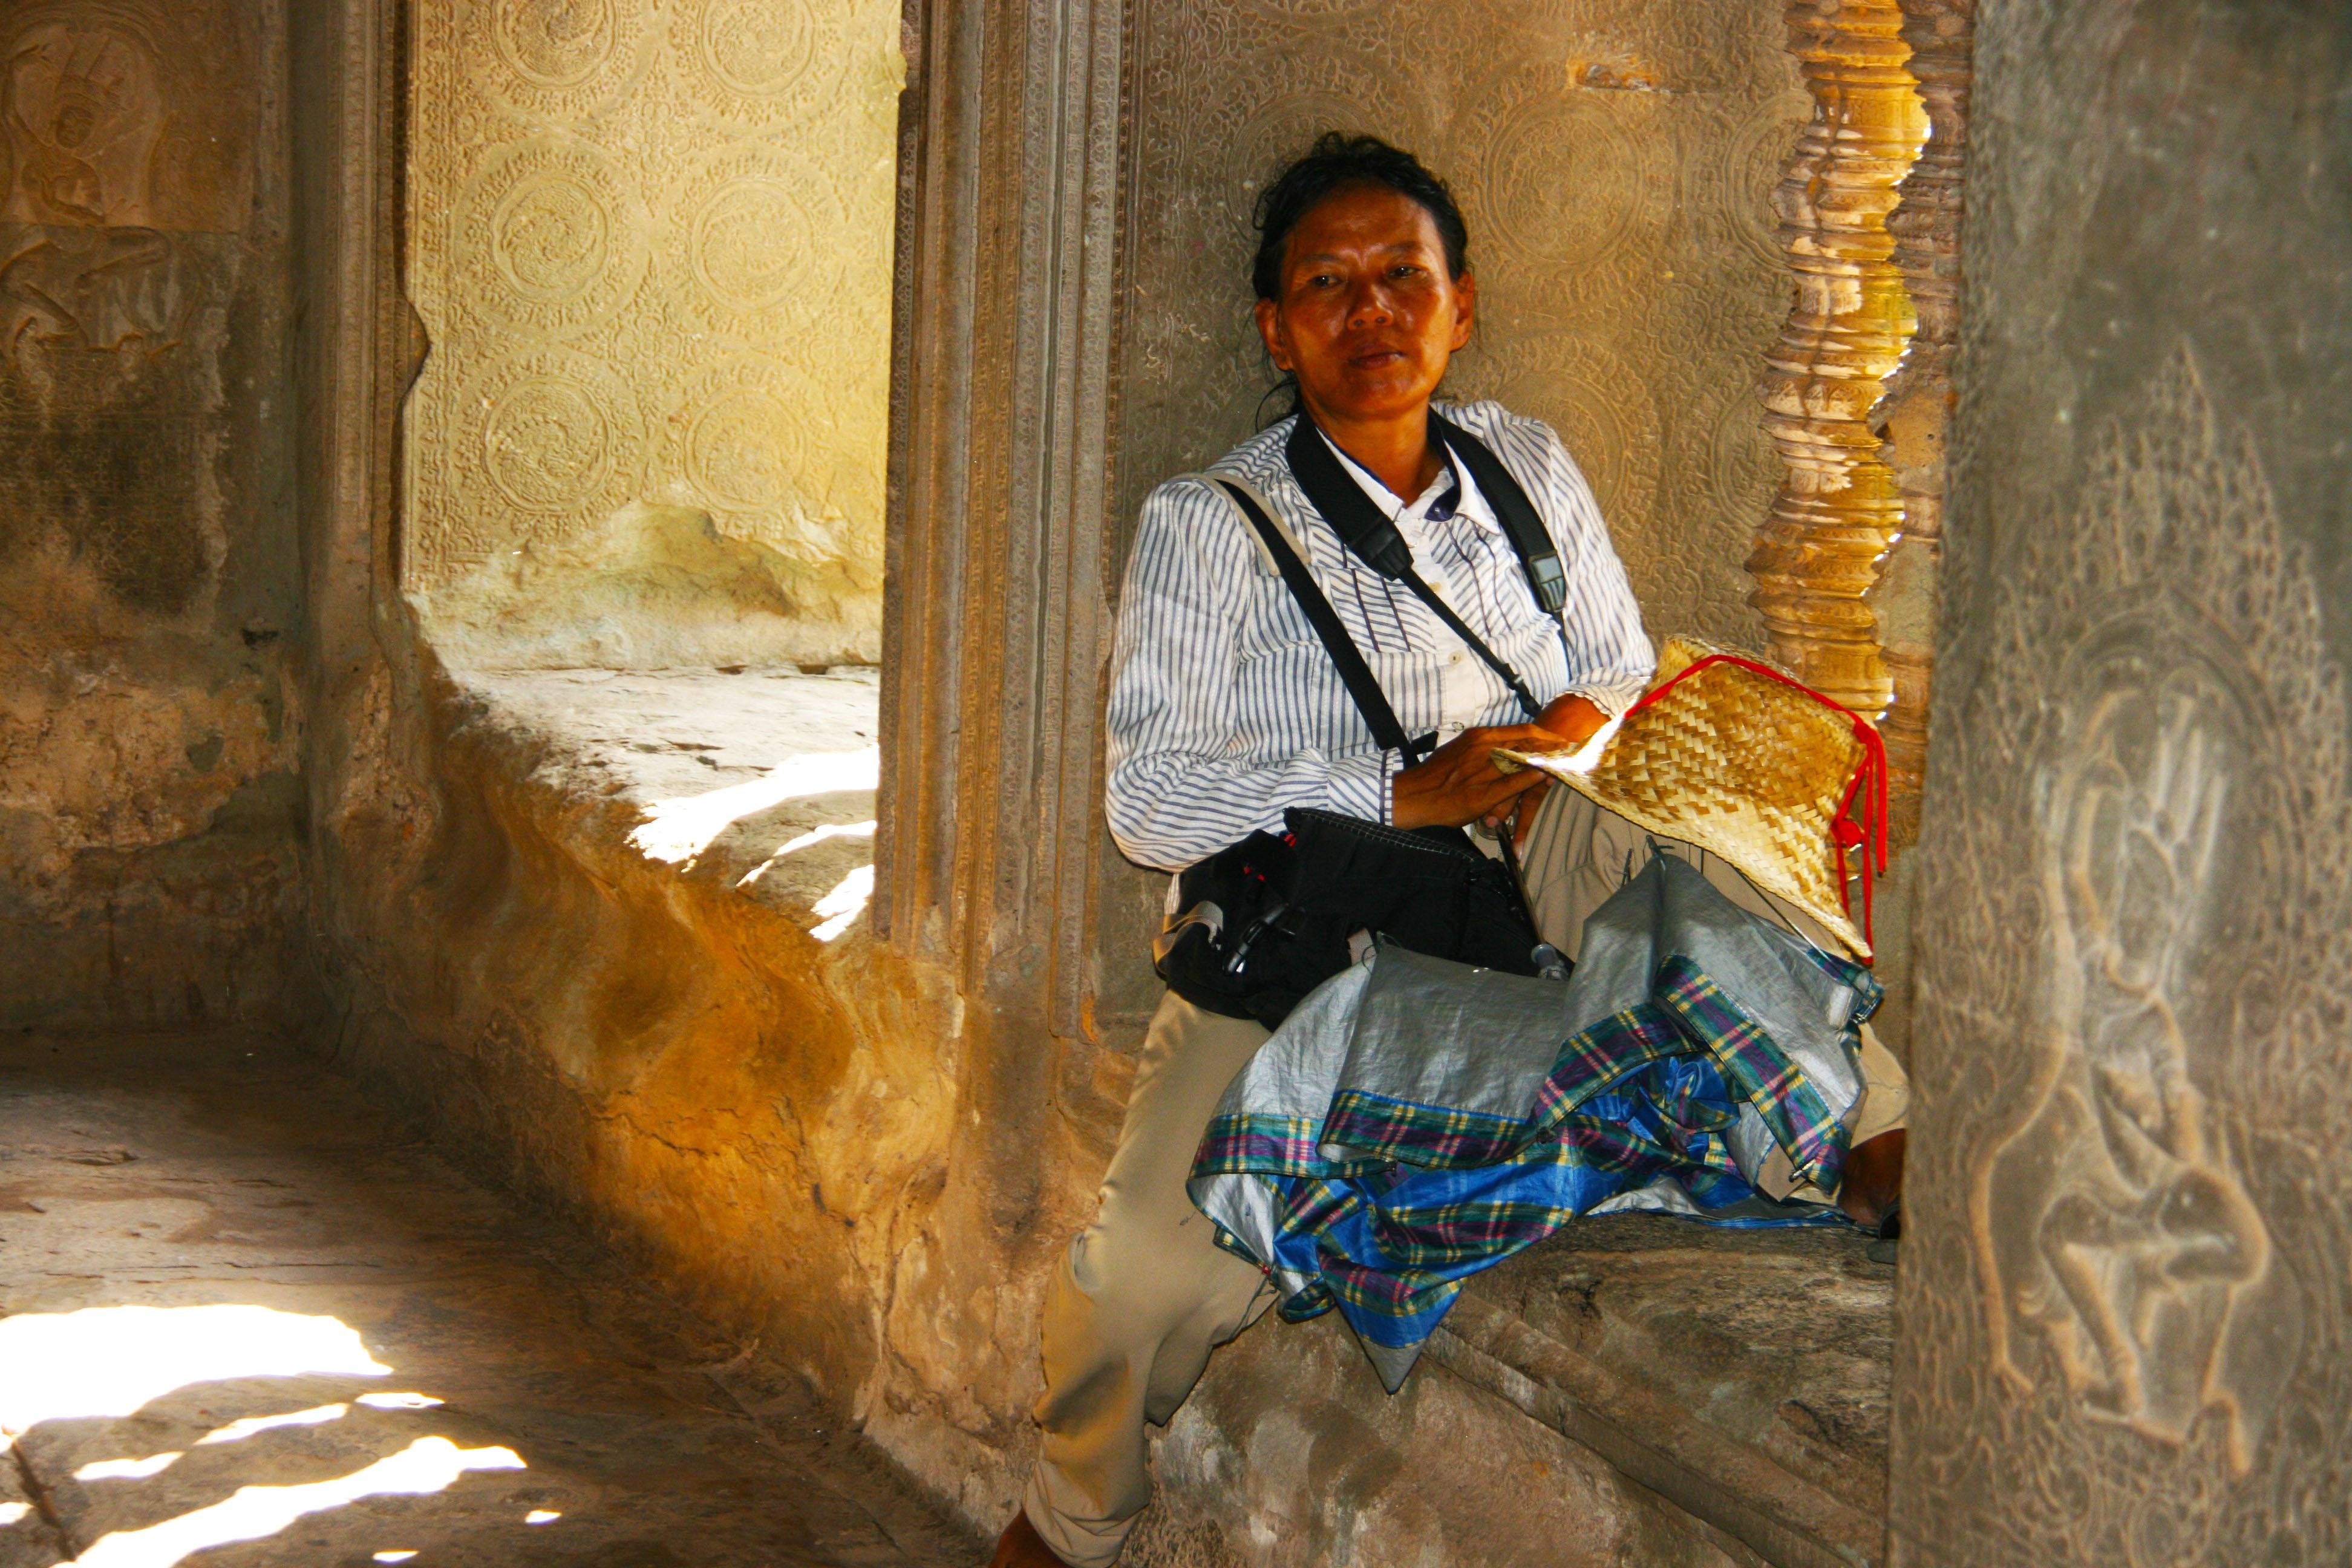 Fotoğraf Kişi Kadın Pencere Seyahat Asya Düşünme Portre